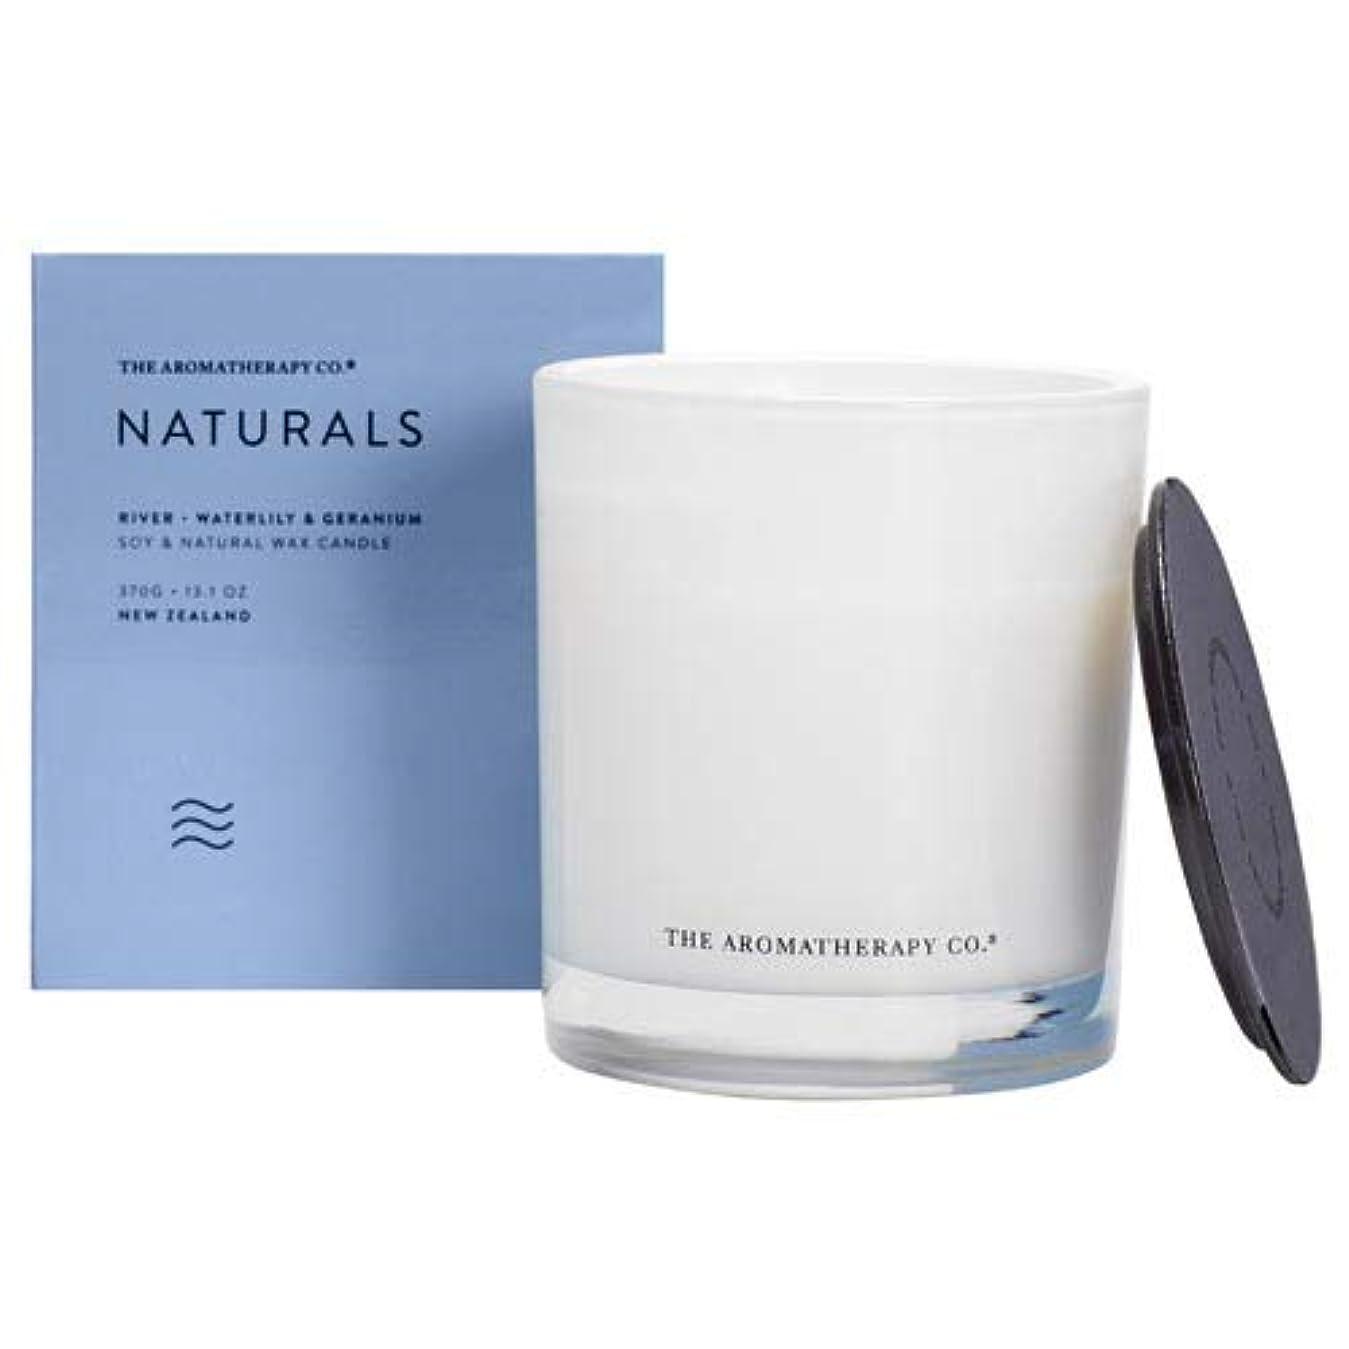 被るアプローチ原点new NATURALS ナチュラルズ Candle キャンドル River リバー(川)Waterlily & Geranium ウォーターリリー&ゼラニウム